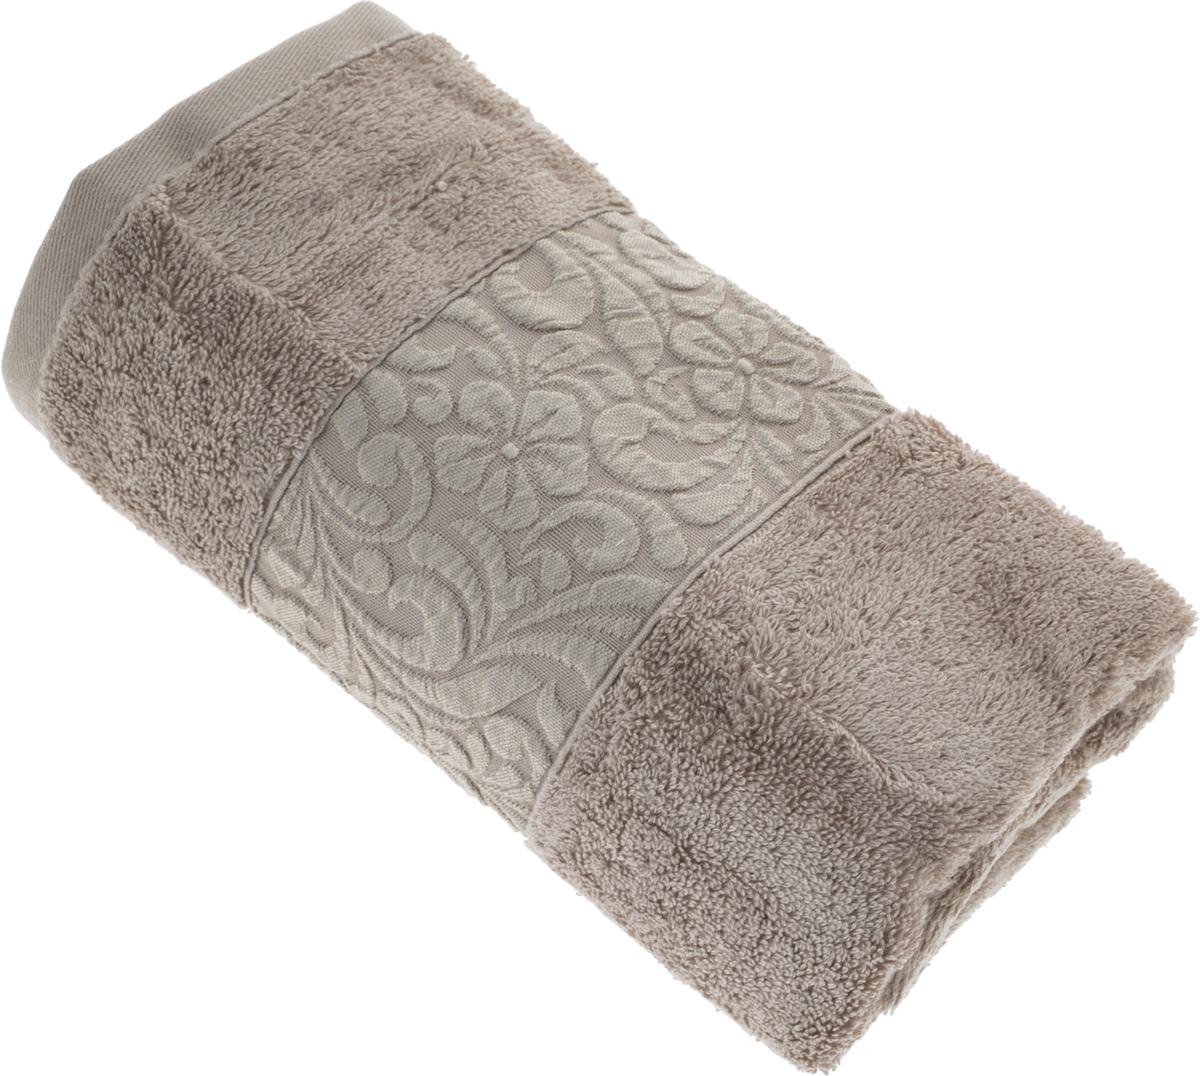 Полотенце бамбуковое Issimo Home Valencia, цвет: бежевый, 50 x 90 см4764Полотенце Issimo Home Valencia выполнено из 60% бамбукового волокна и 40% хлопка. Таким полотенцем не нужно вытираться - только коснитесь кожи - и ткань сама все впитает. Такая ткань впитывает в 3 раза лучше, чем хлопок. Несмотря на высокую плотность, полотенце быстро сохнет, остается легкими даже при намокании. Изделие имеет красивый жаккардовый бордюр, оформленный цветочным орнаментом. Благородные, классические тона создадут уют и подчеркнут лучшие качества махровой ткани, а сочные, яркие, летние оттенки создадут ощущение праздника и наполнят дом энергией. Красивая, стильная упаковка этого полотенца делает его уже готовым подарком к любому случаю.